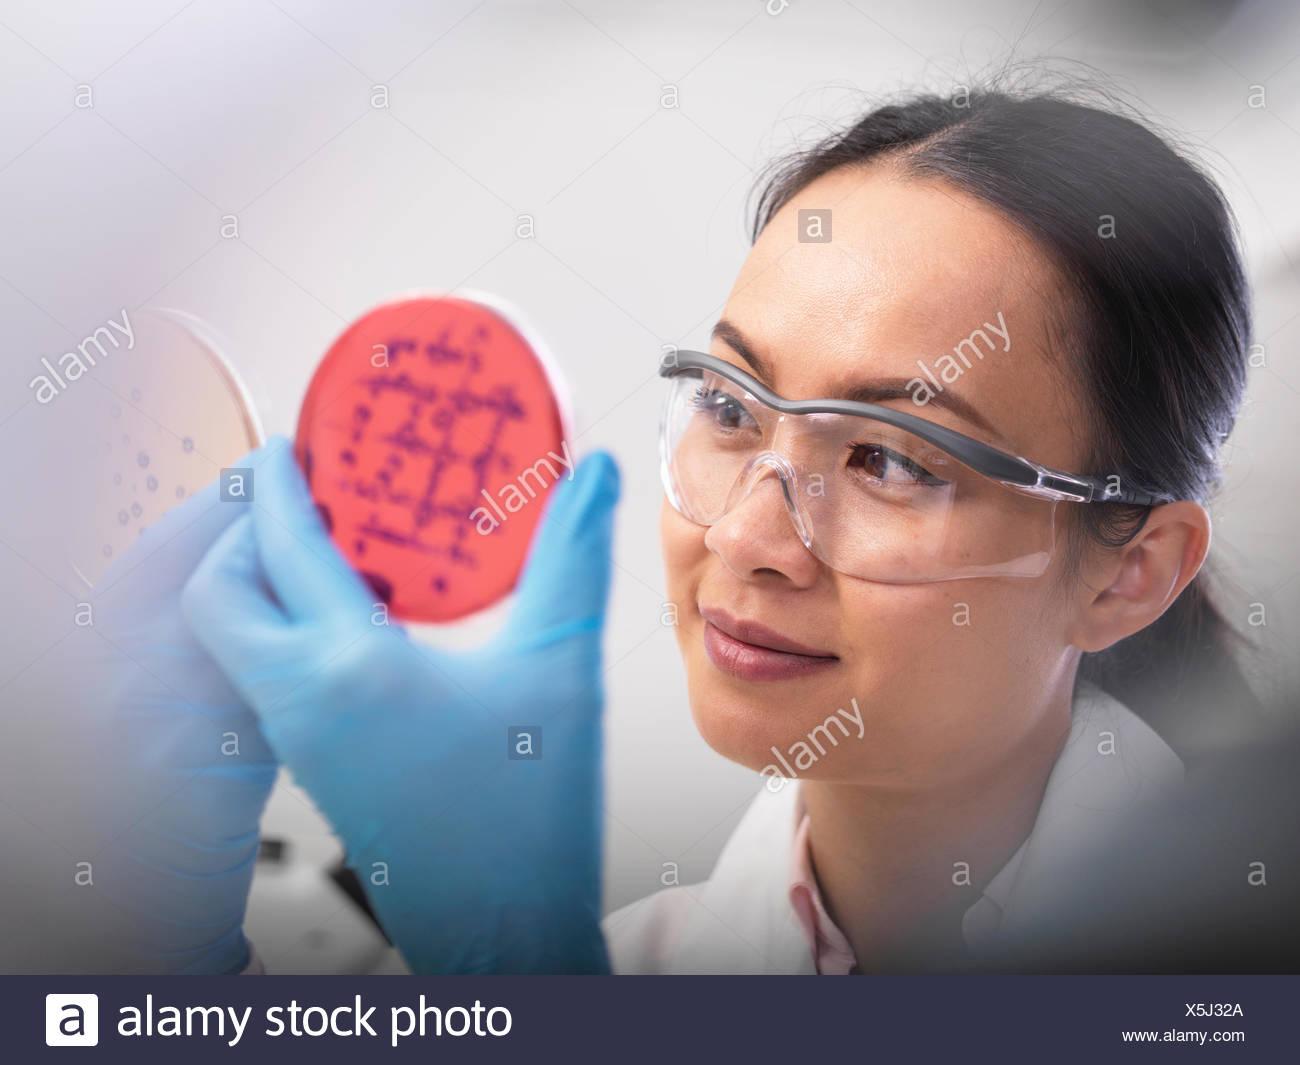 Científico examen de cultivos microbiológicos en una placa de Petri Imagen De Stock